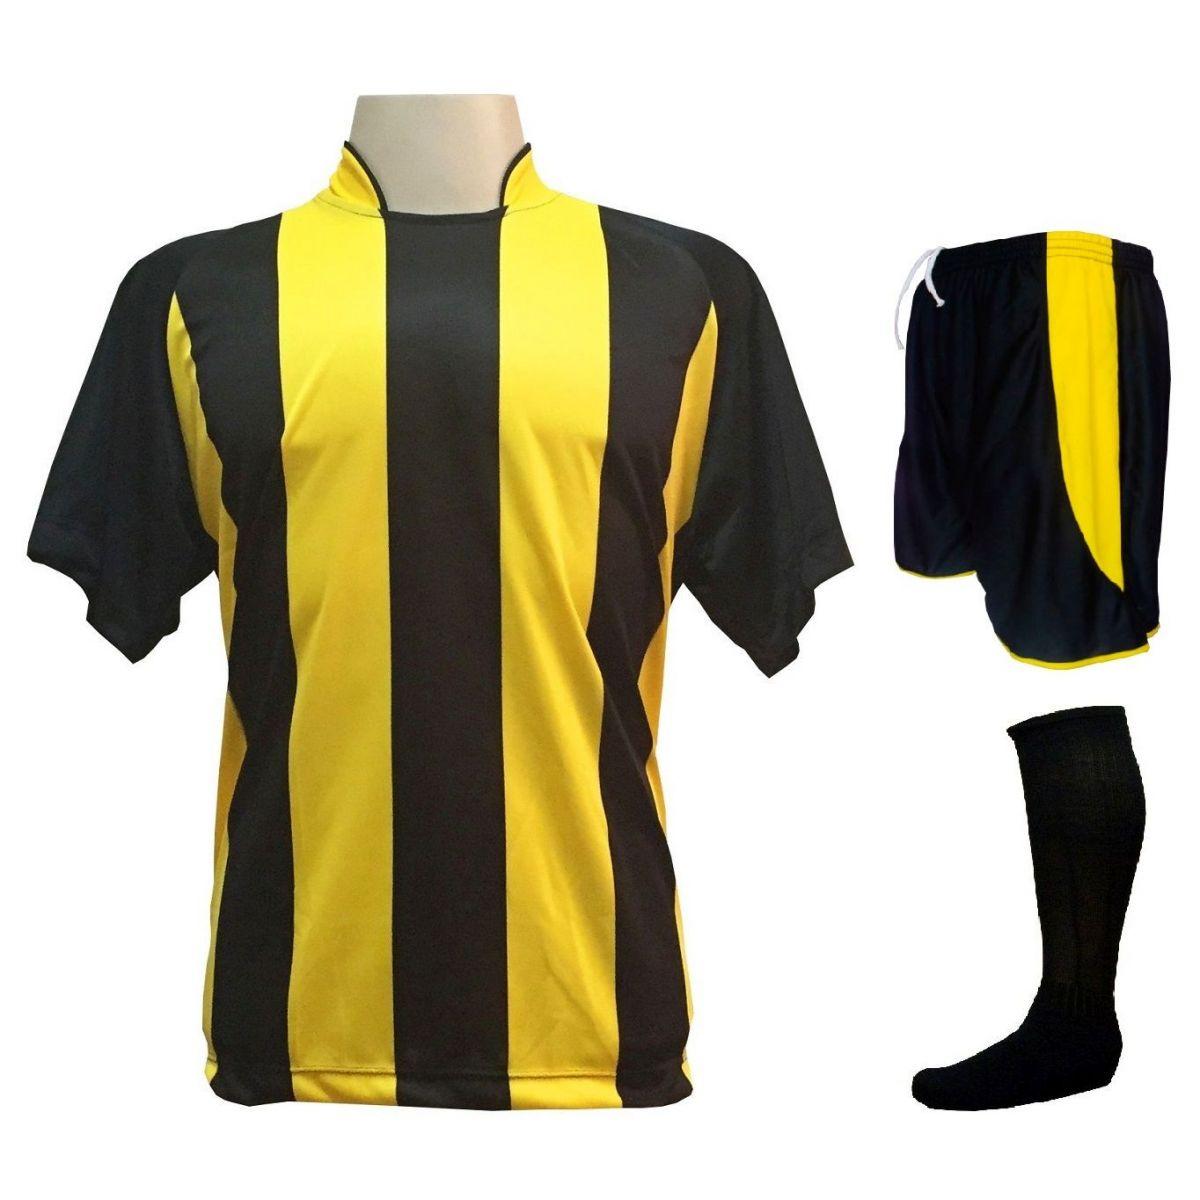 Uniforme Esportivo com 12 Camisas modelo Milan Preto/Amarelo + 12 Calções modelo Copa Preto/Amarelo + 12 Pares de meiões Preto